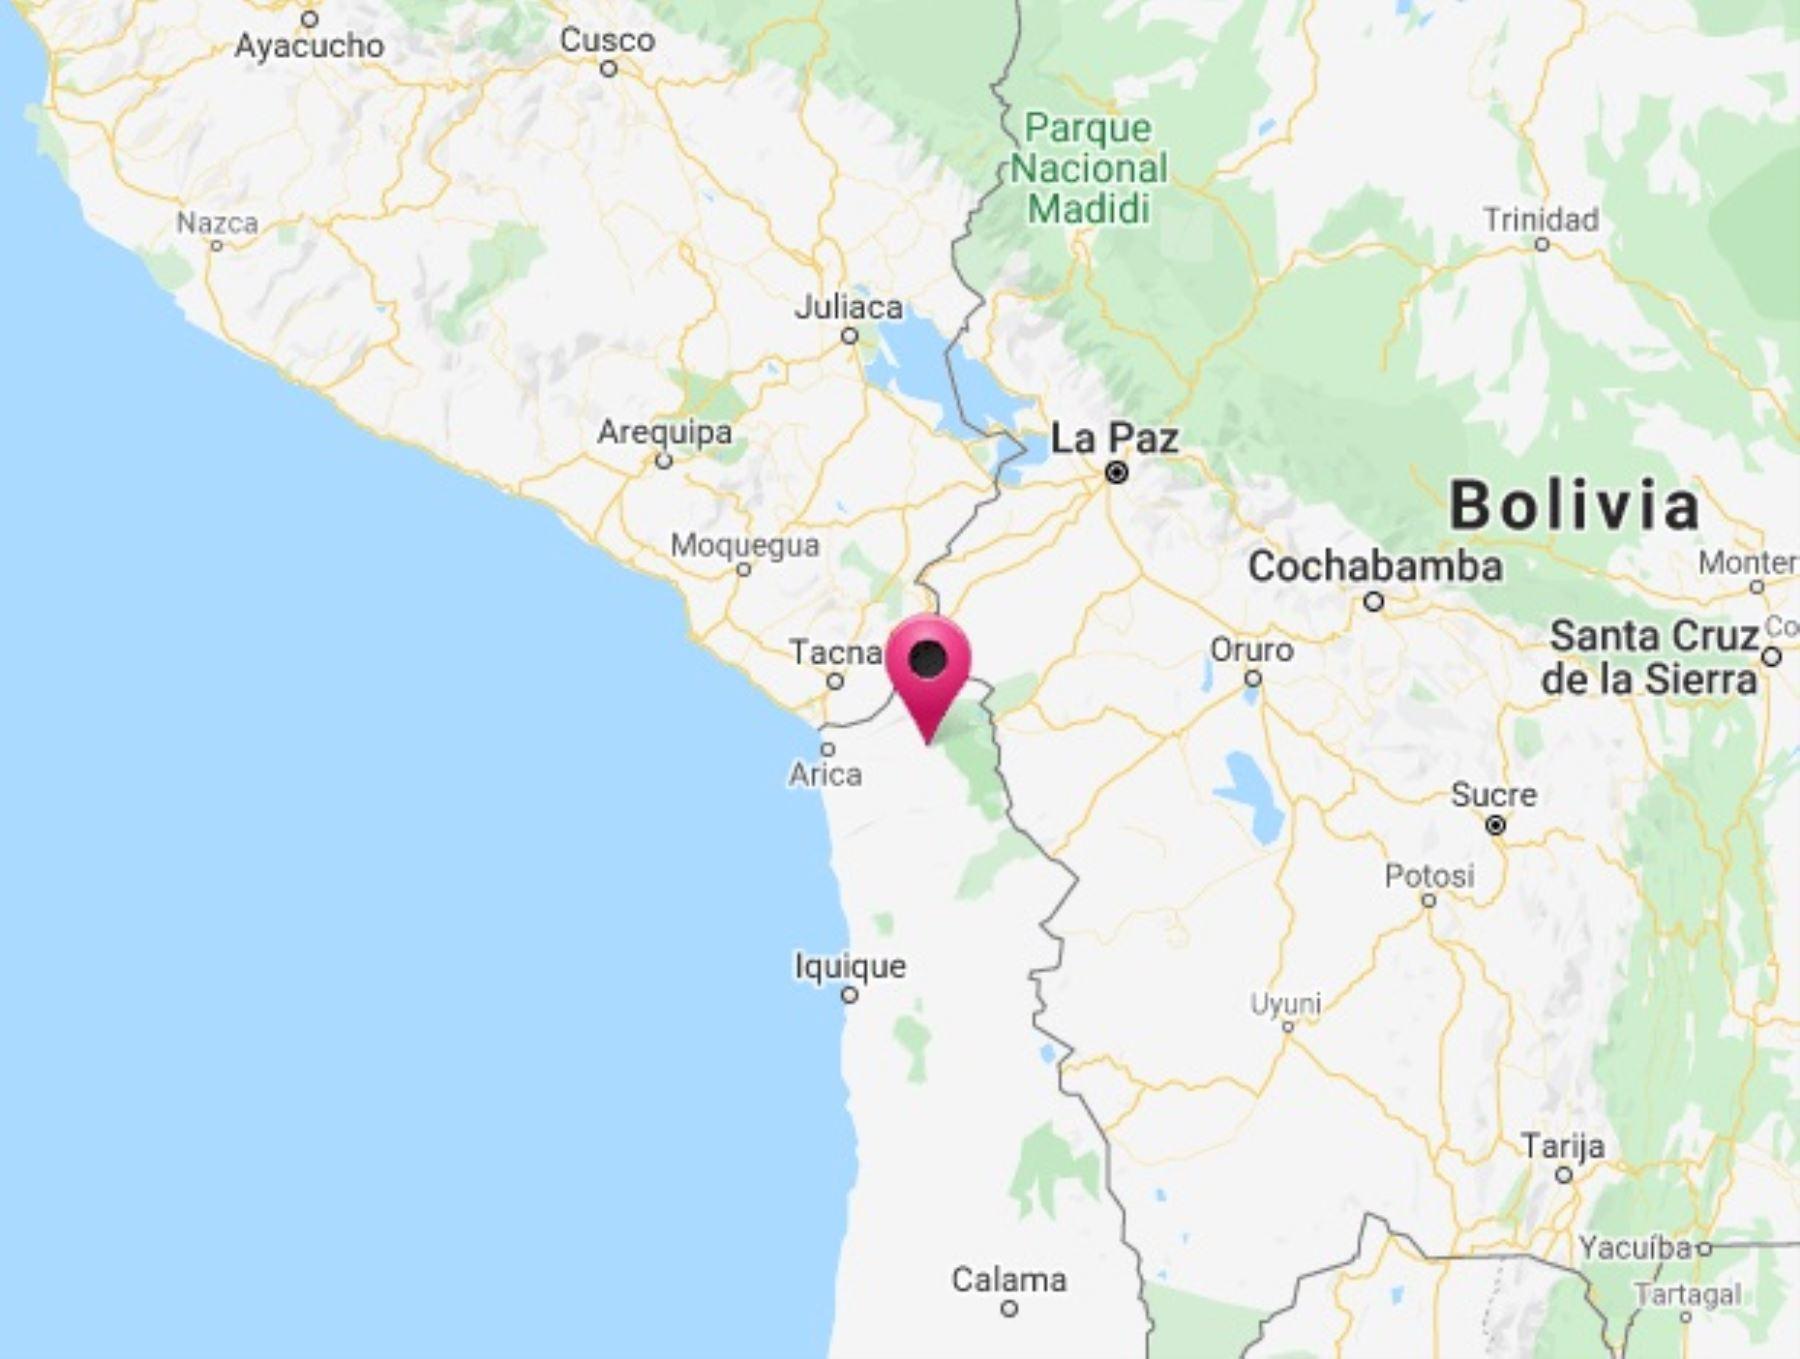 Epicentro del sismo se situó en Chile, a 90 kilómetros al sureste de la localidad de Calana, en Tacna.